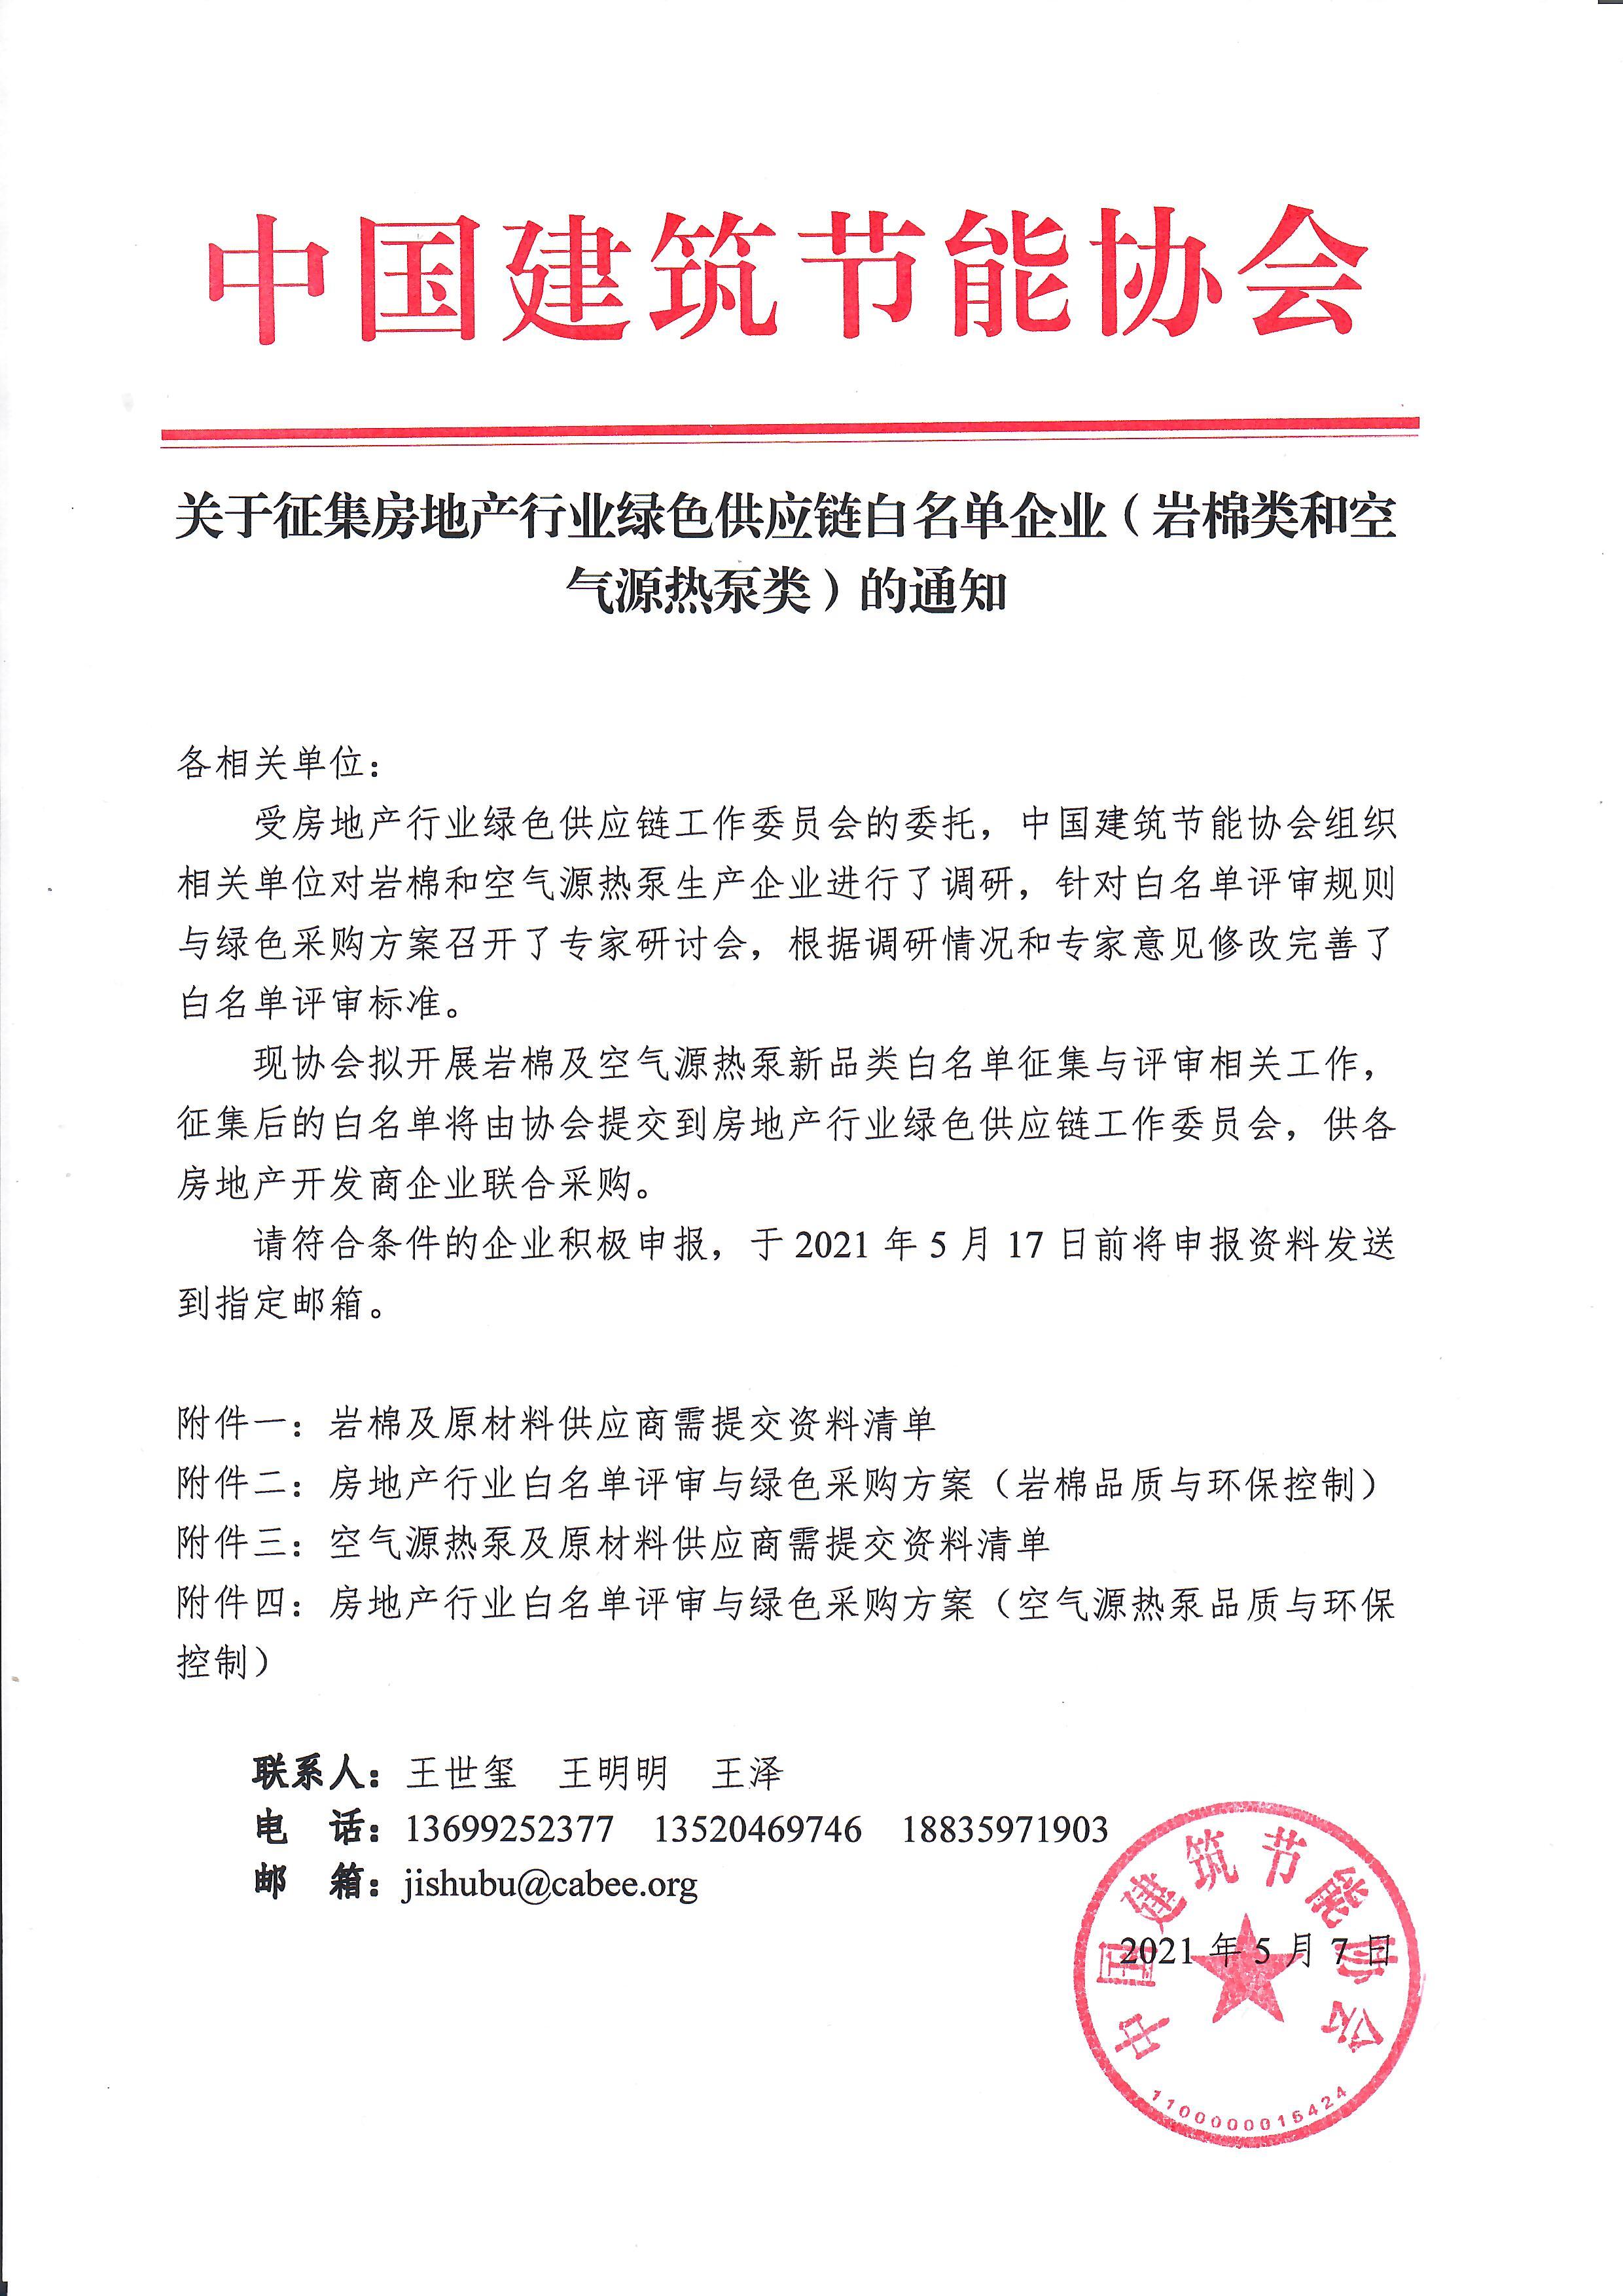 关于征集房地产行业绿色供应链白名单企业(岩棉类 空气源热泵类)的通知.jpg